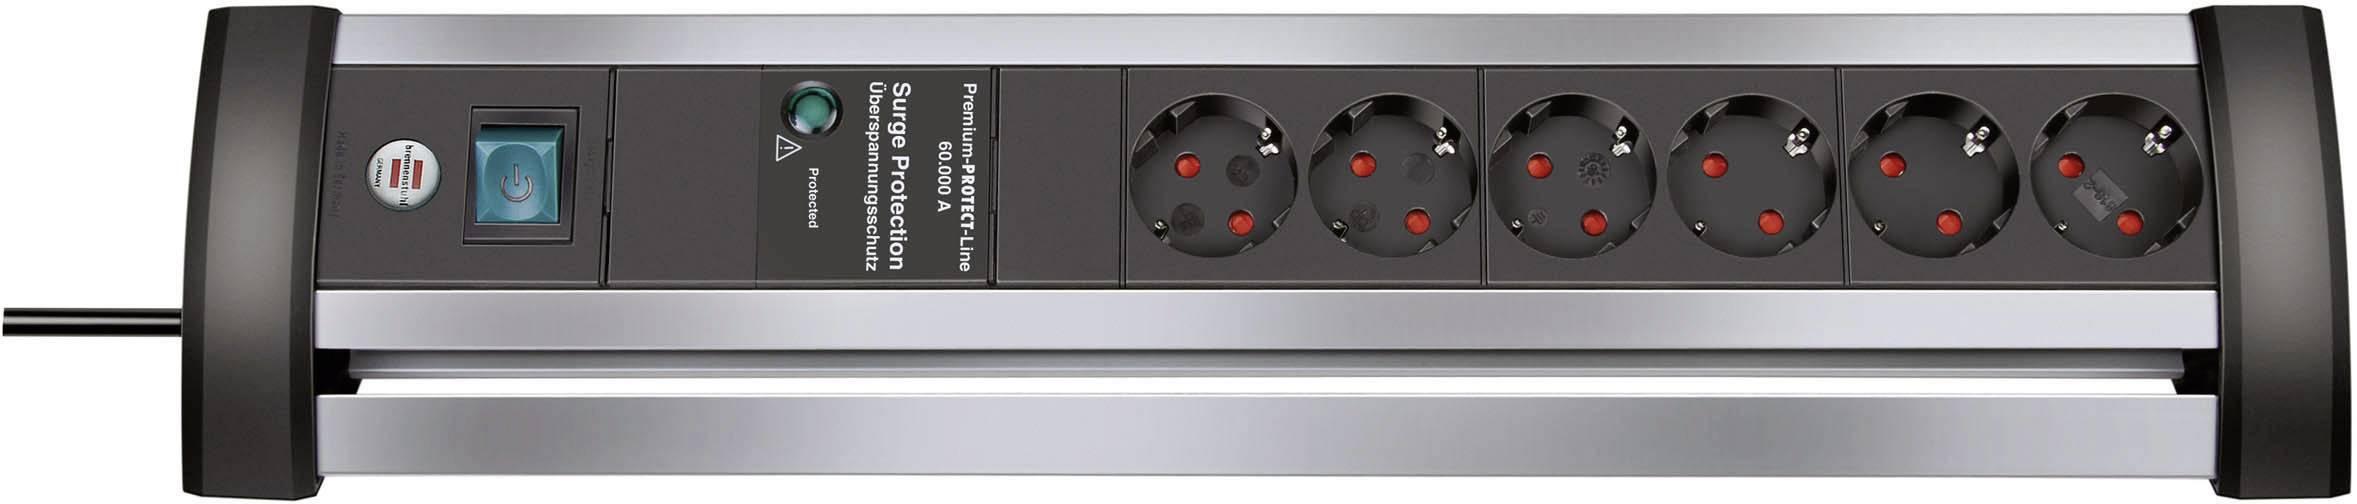 Zásuvková lišta s prepäťovou ochranou, počet zásuviek 6 Brennenstuhl Alu-Office-Line 1395000416, 3.00 m, hliník, čierna